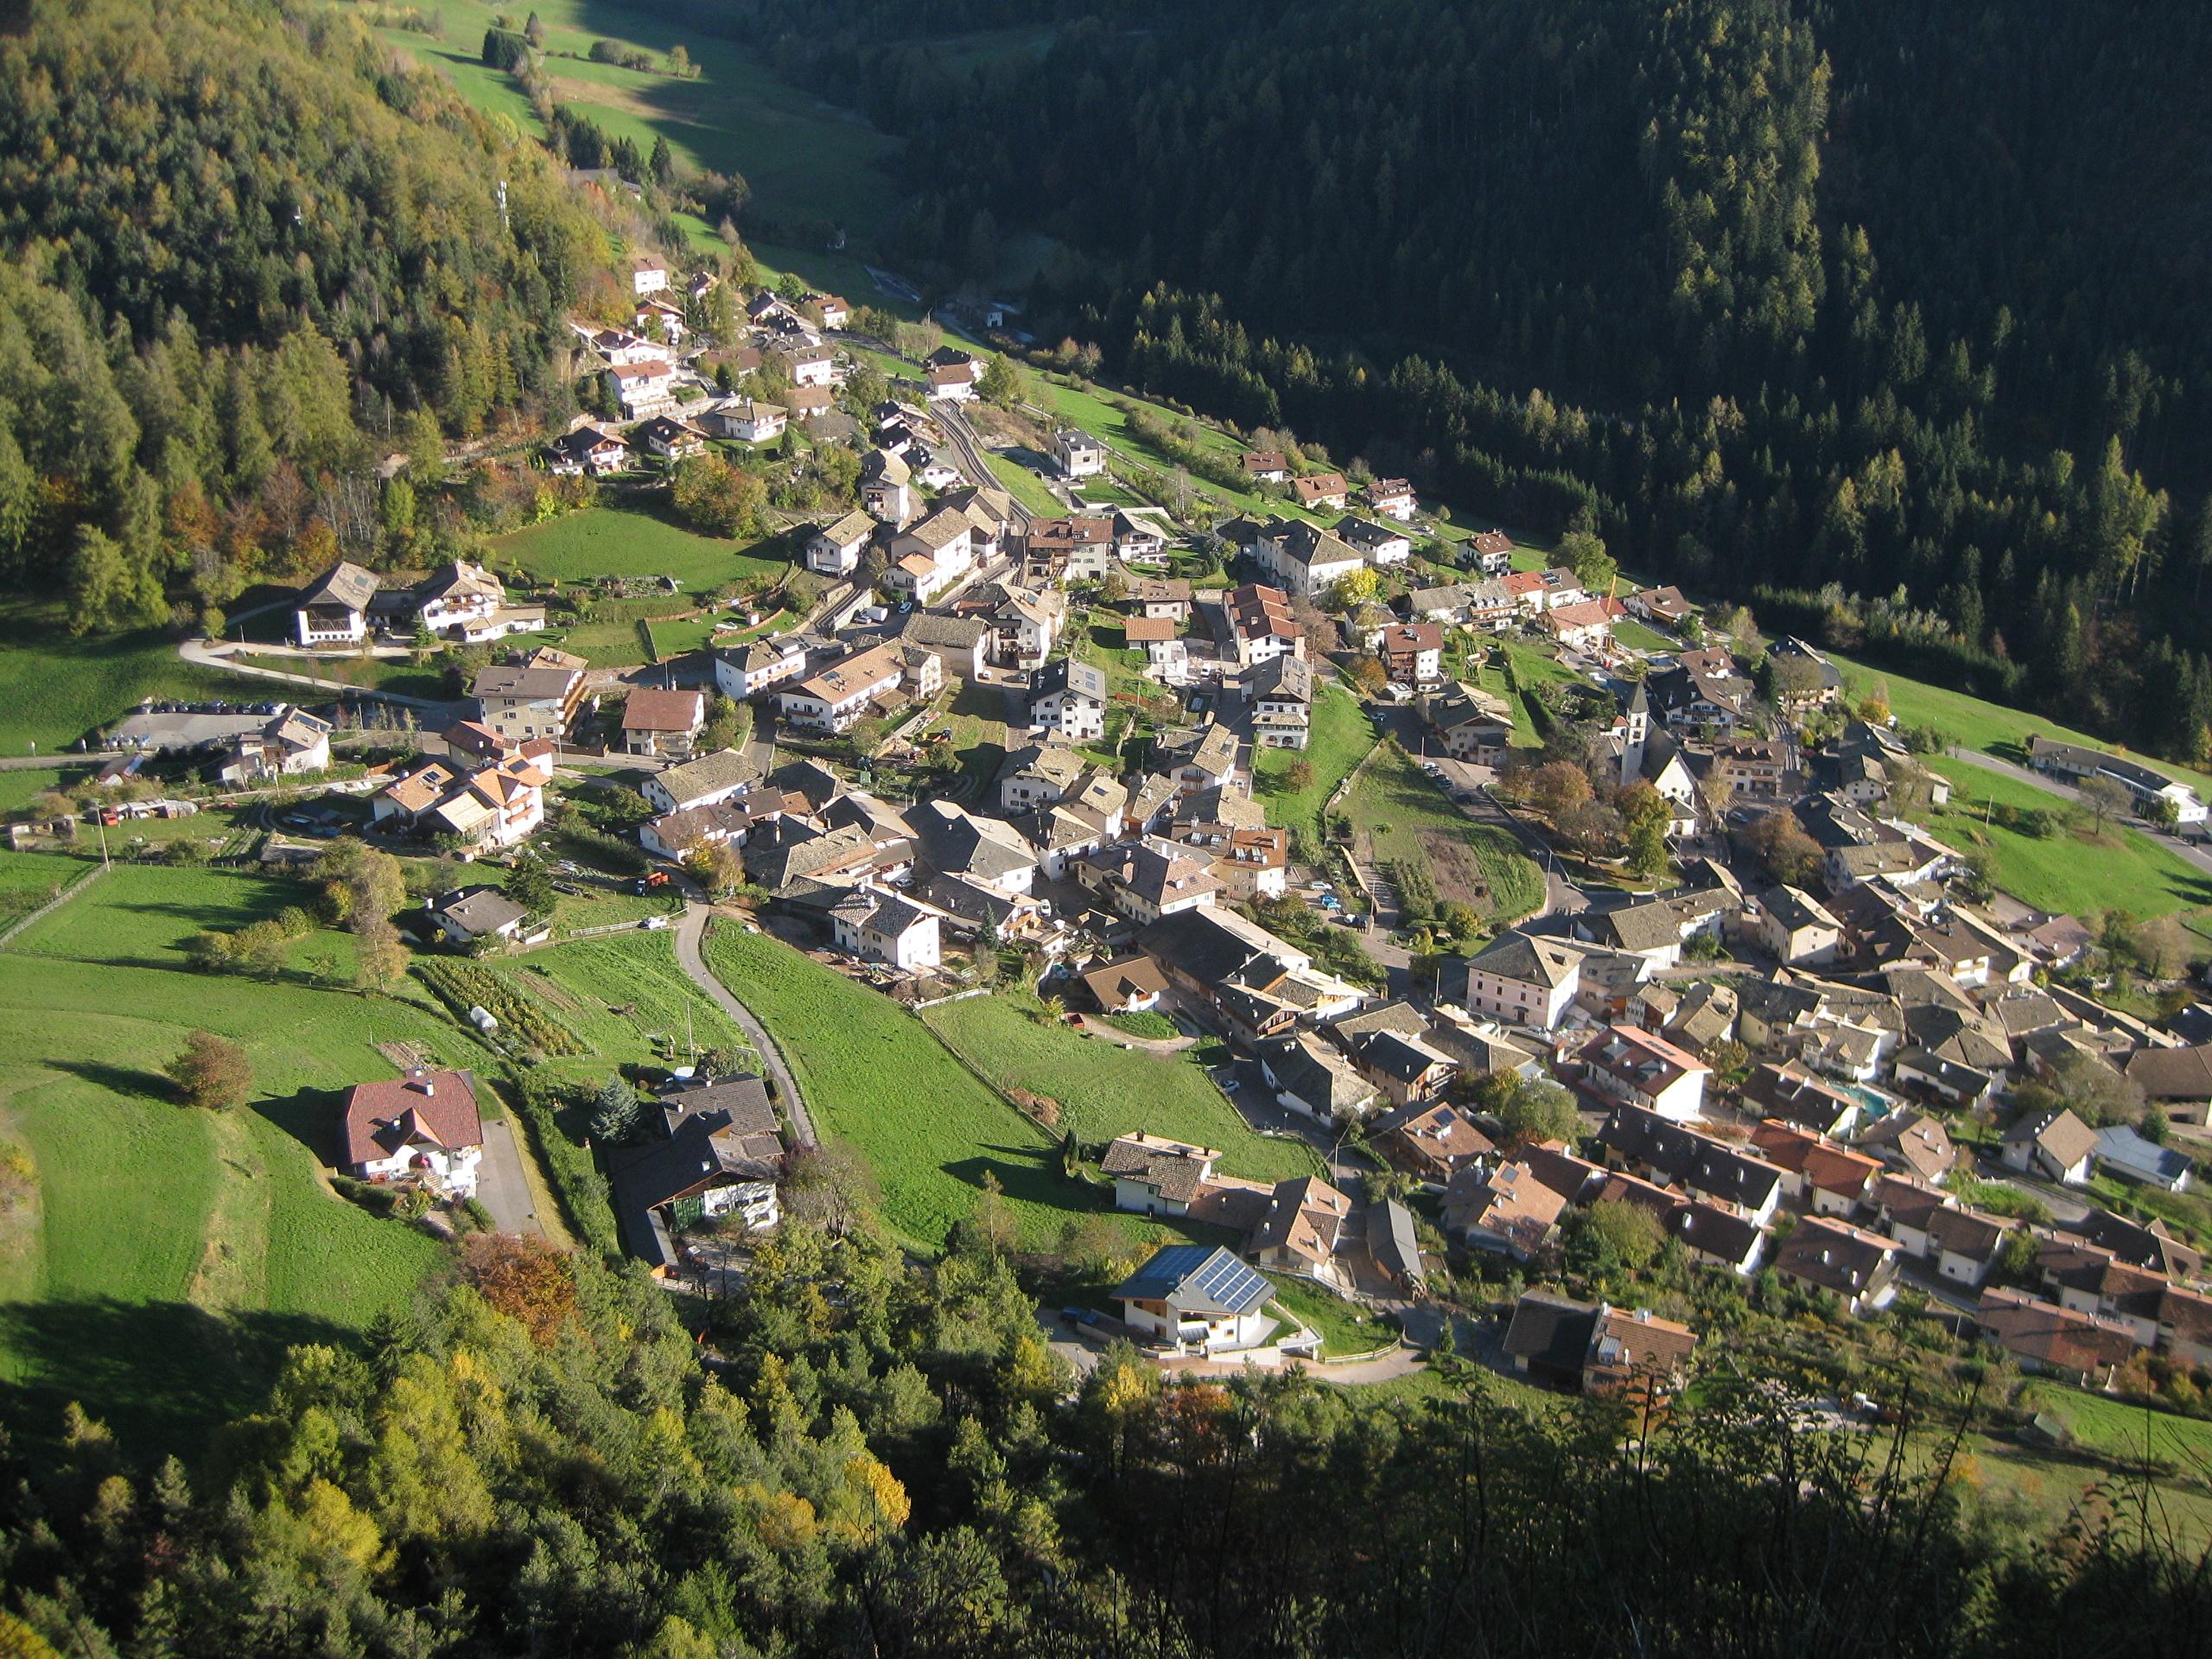 2560x1920 Casa Itália Village Of Selva, South Tyrol, Val Gardena Aldeia De acima Edifício Cidades